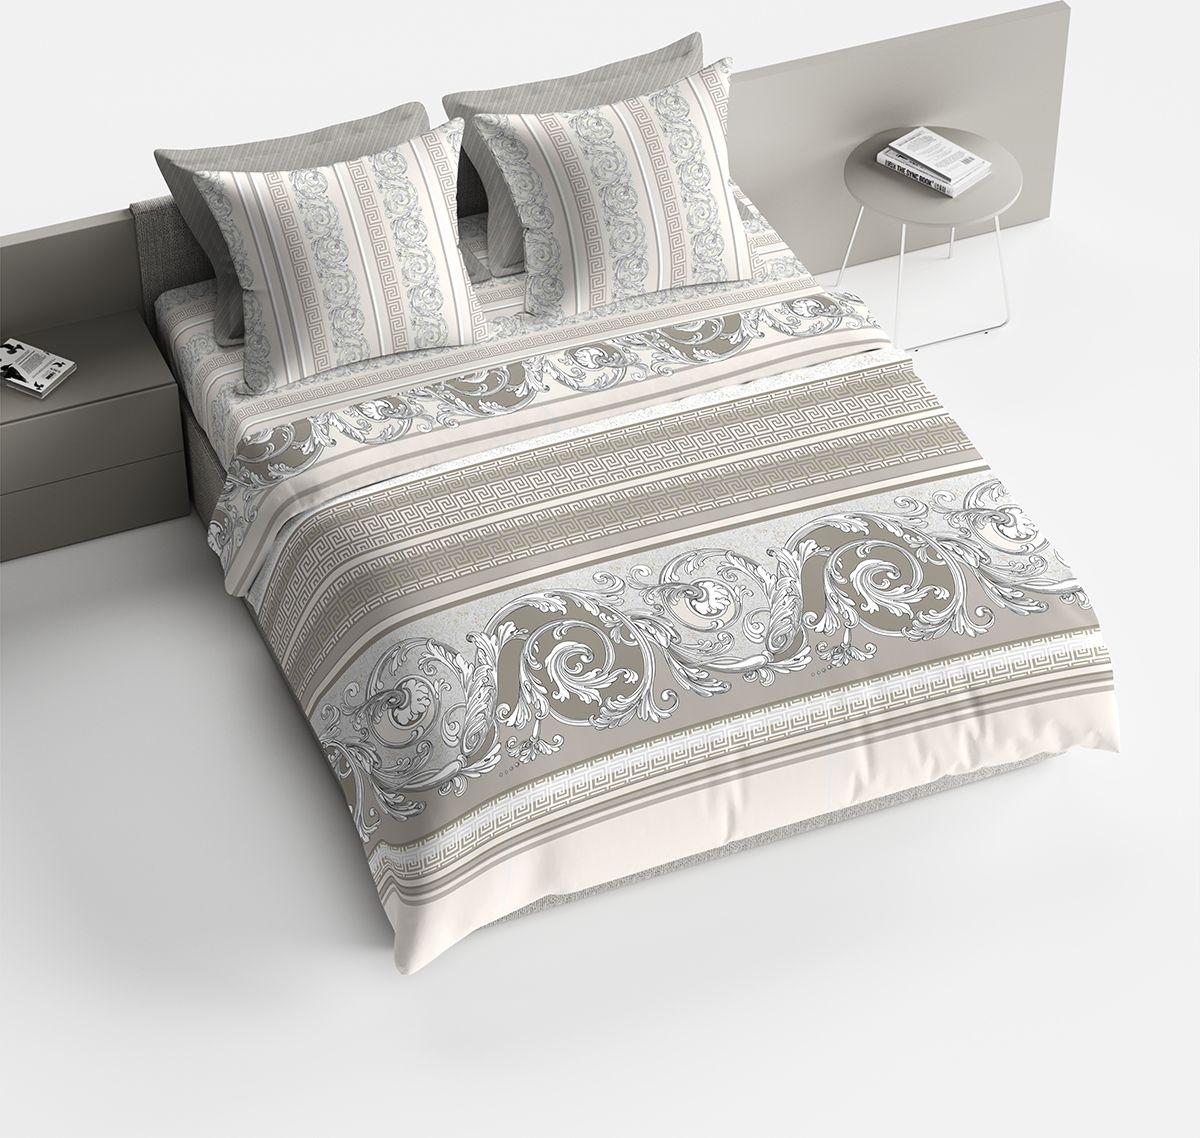 Комплект белья Браво Барокко, 2-спальное, наволочки 70x70, цвет: серый10503Комплекты постельного белья из ткани LUX COTTON (высококачественный поплин), сотканной из длинноволокнистого египетского хлопка, созданы специально для людей с оригинальным вкусом, предпочитающим современные решения в интерьере. Обновленная стильная упаковка делает этот комплект отличным подарком. • Равноплотная ткань из 100% хлопка;• Обработана по технологии мерсеризации и санфоризации;• Мягкая и нежная на ощупь;• Устойчива к трению;• Обладает высокими показателями гигроскопичности (впитывает влагу);• Выдерживает частые стирки, сохраняя первоначальные цвет, форму и размеры;• Безопасные красители ведущего немецкого производителя BEZEMA